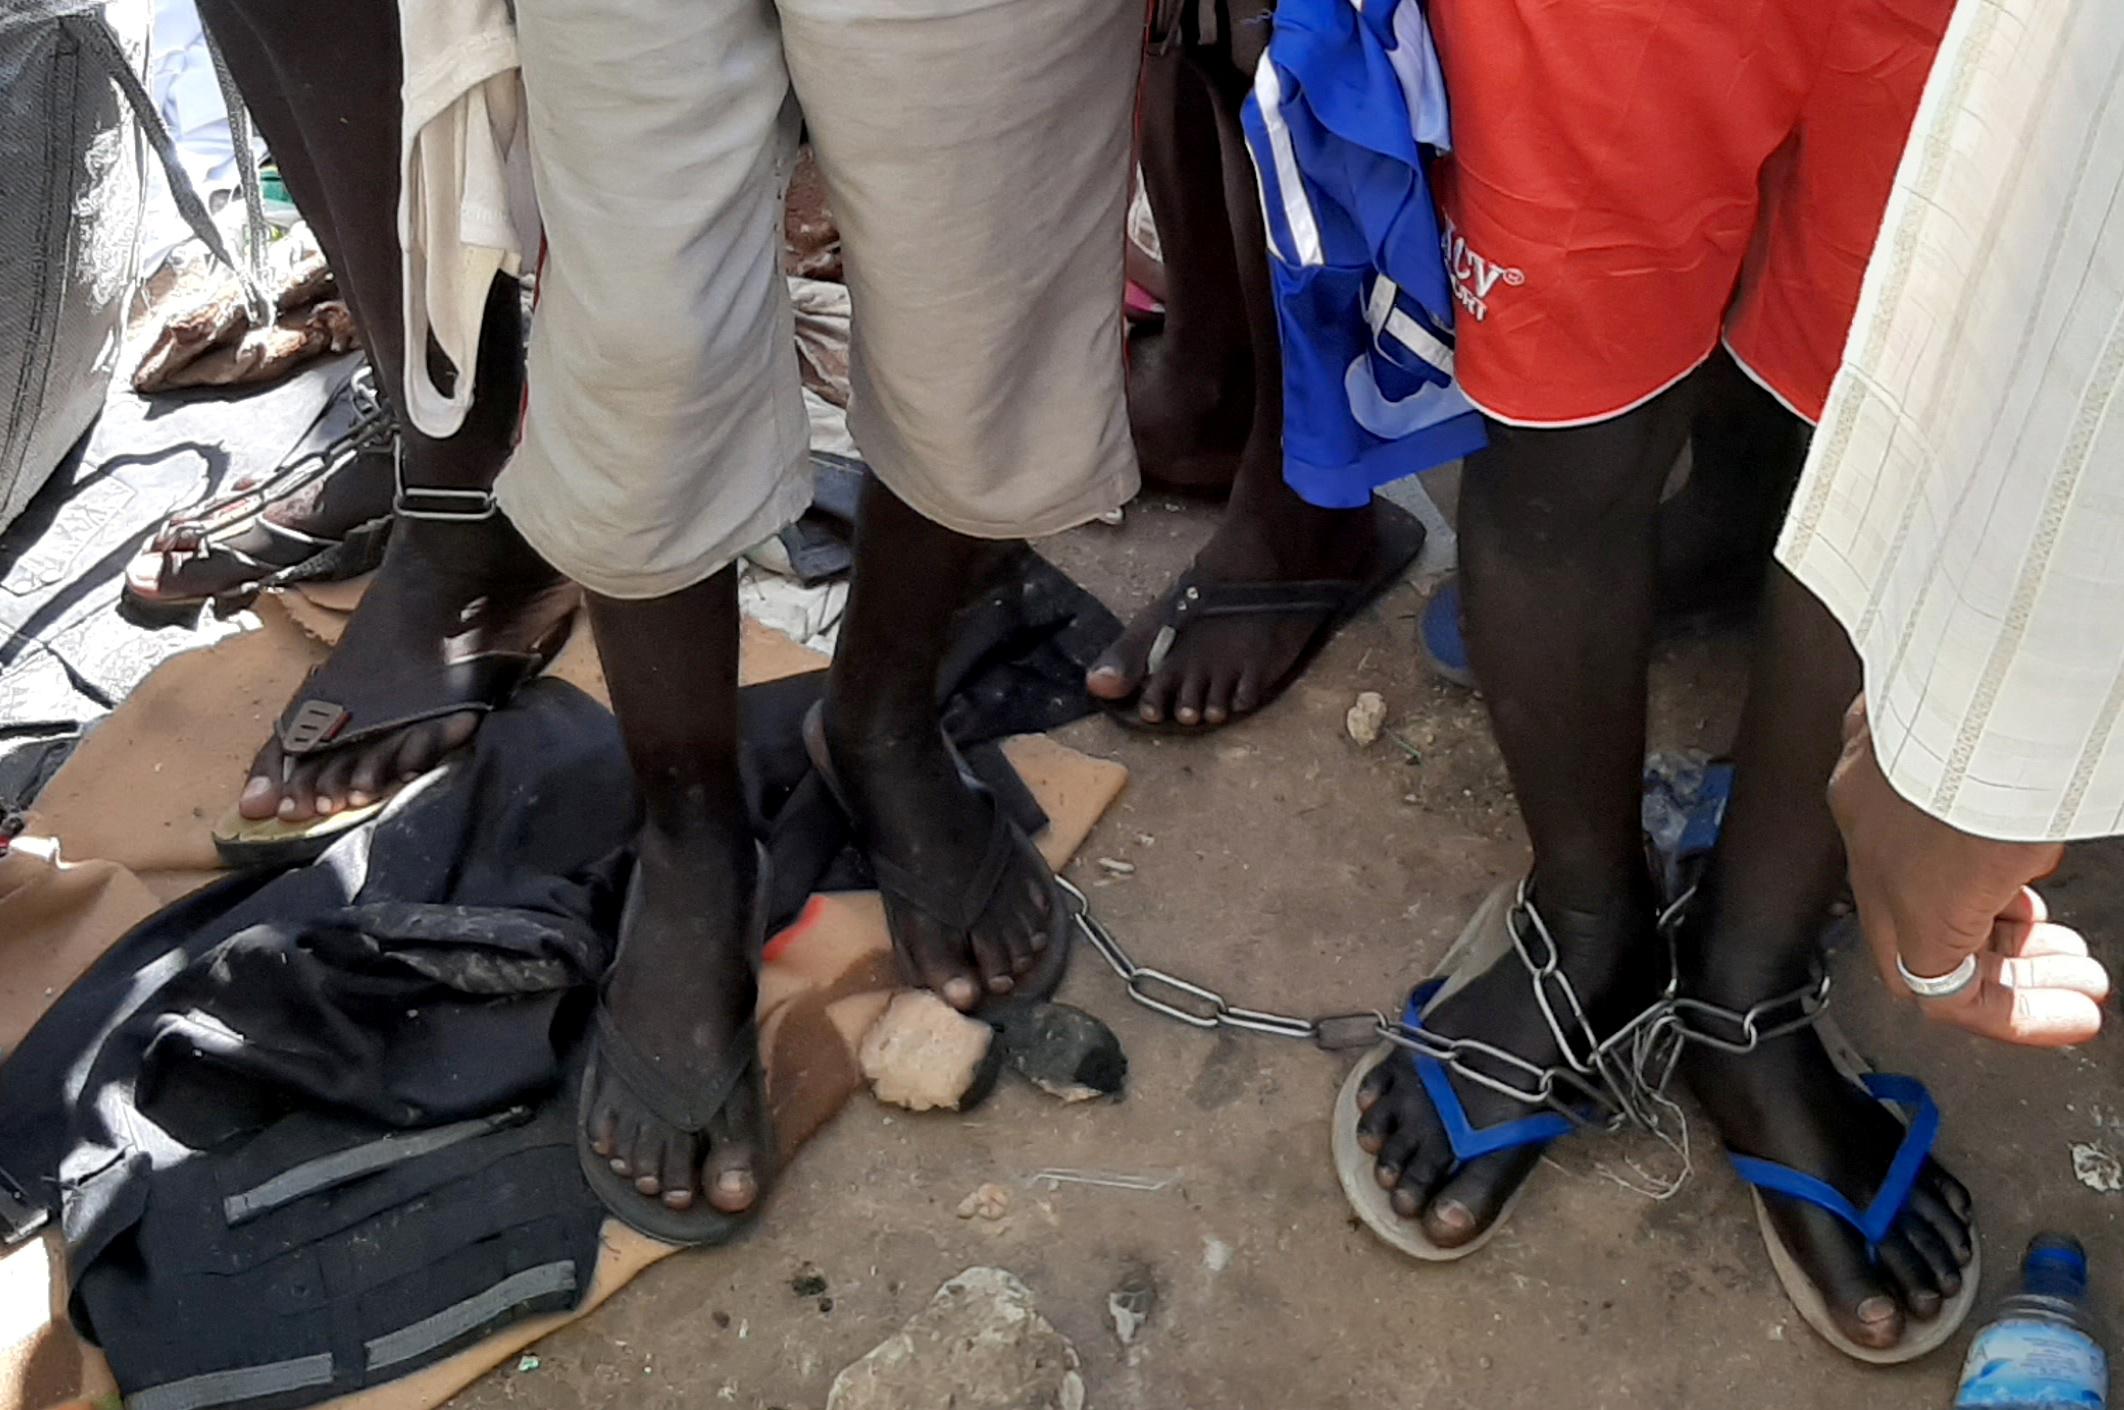 طلبة عثر عليهم مقيدين بسلاسل في المدرسة